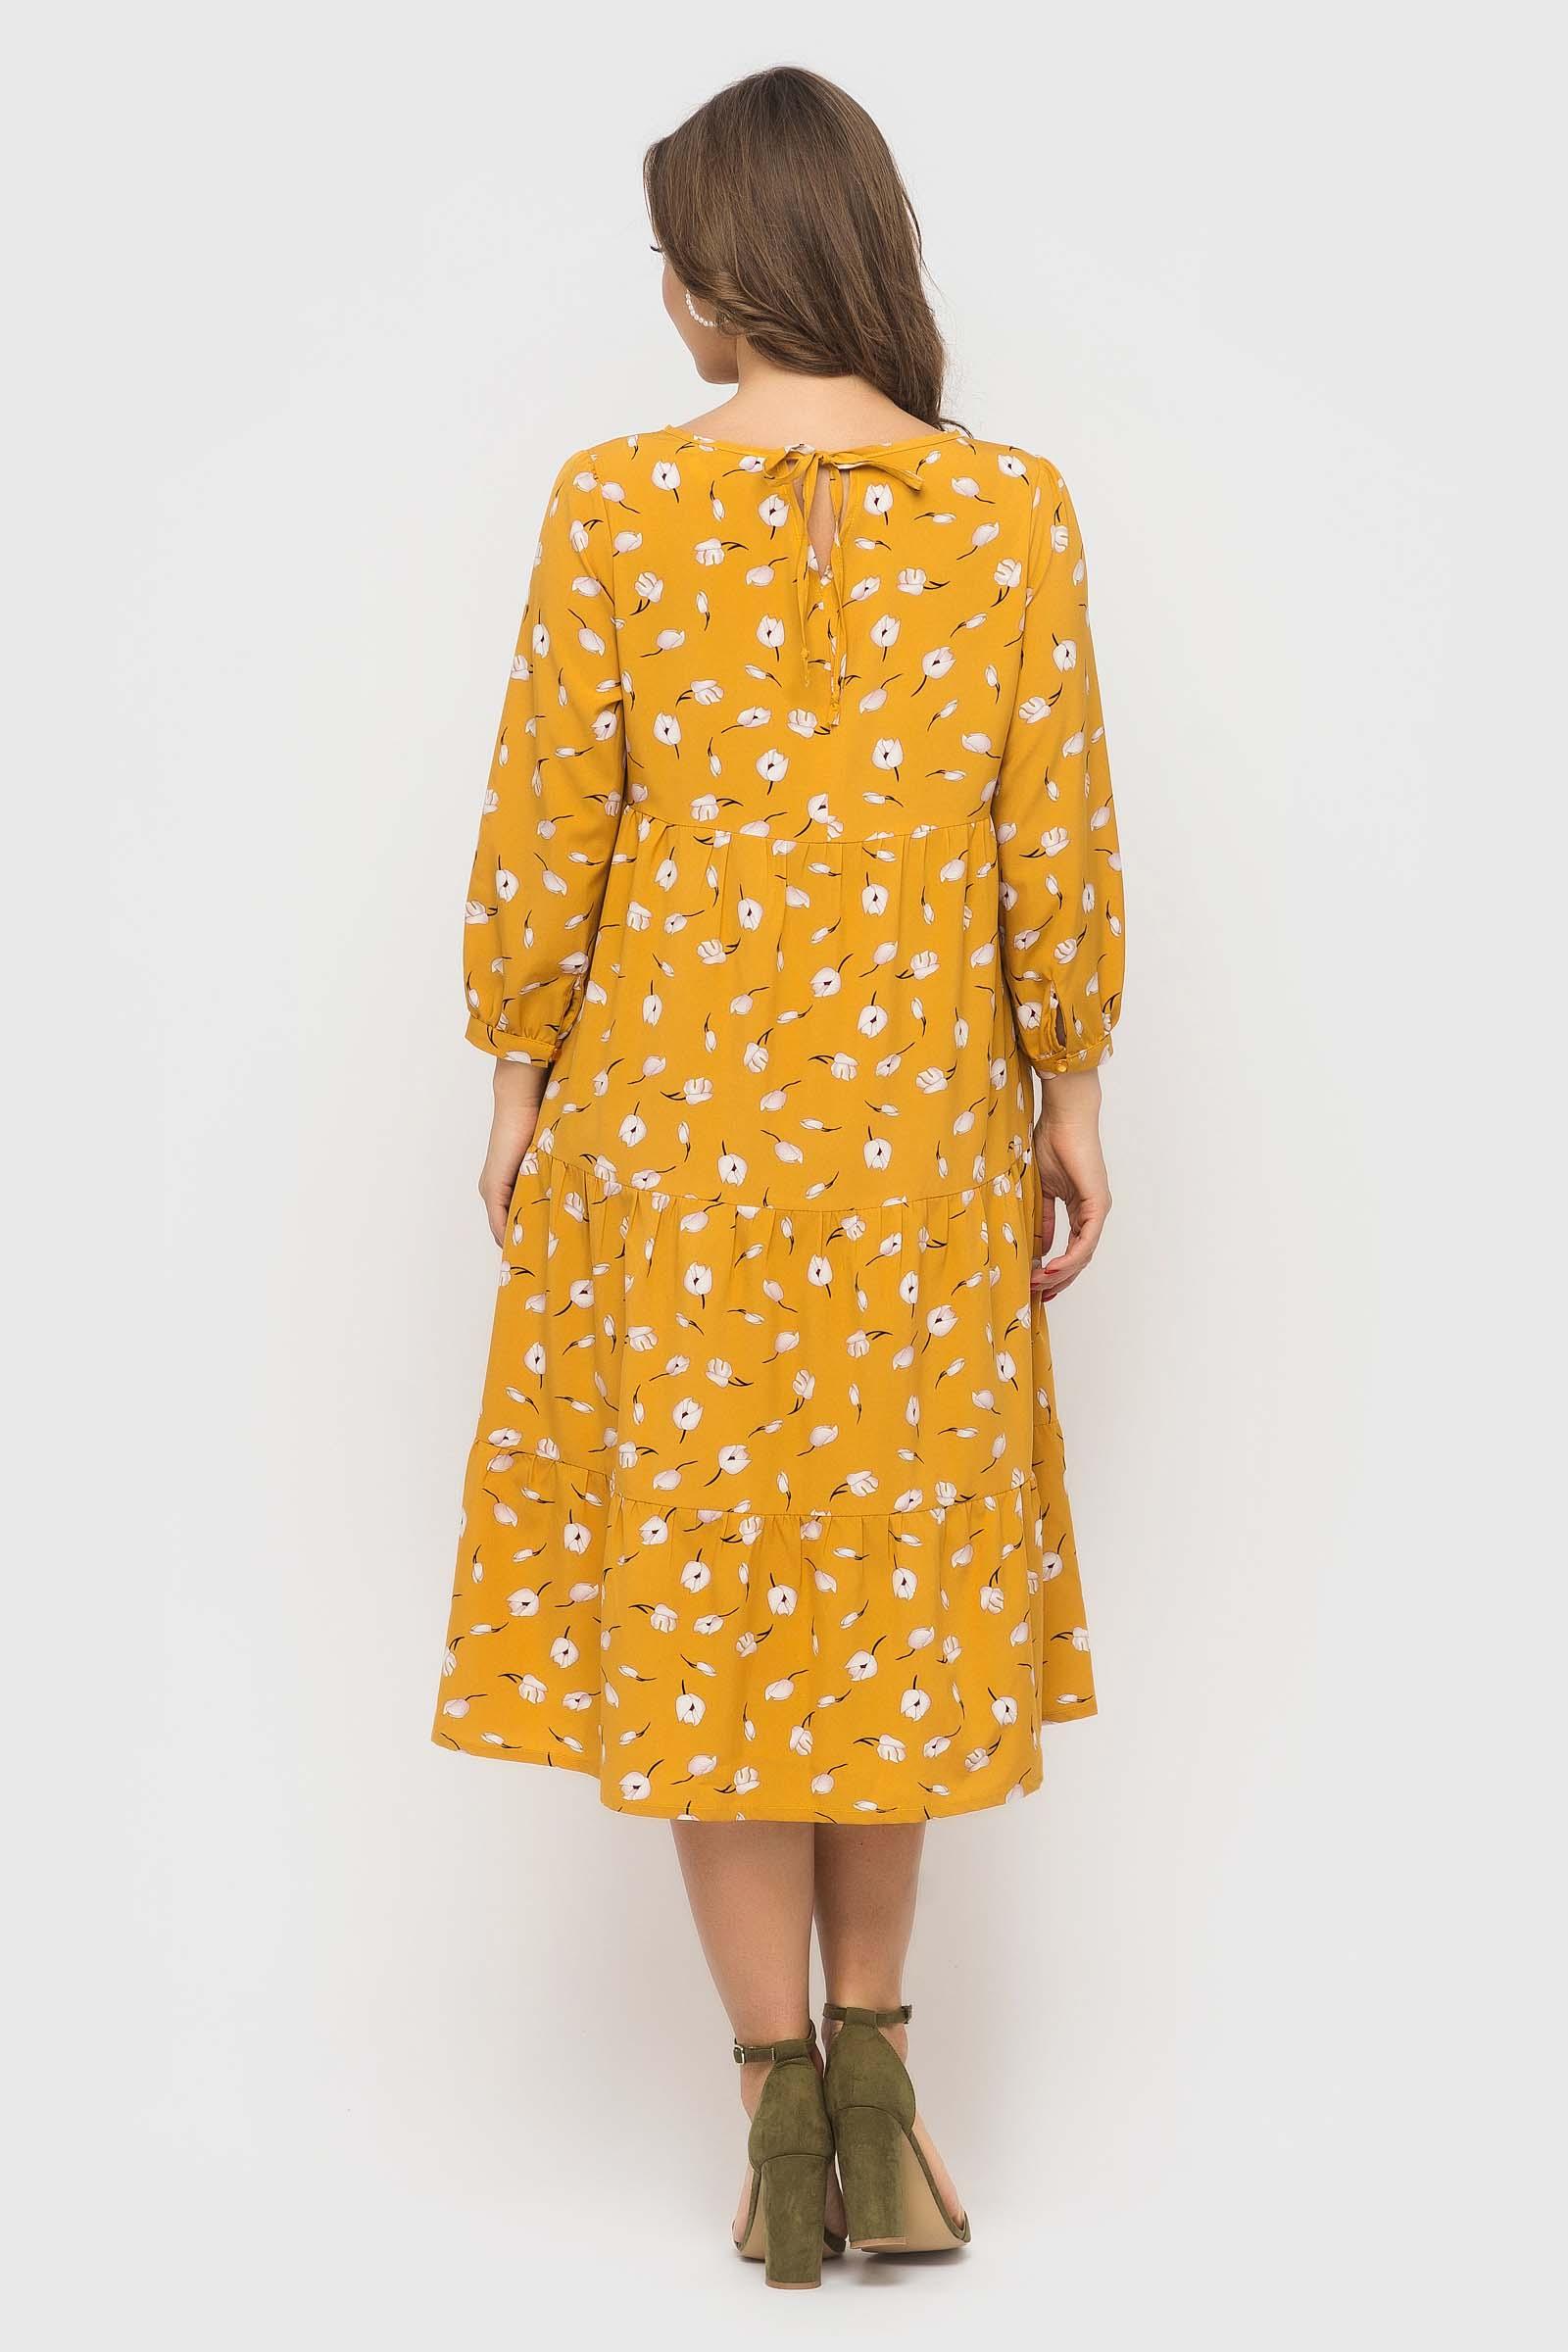 be art 2020 04 07182104 Купить платье